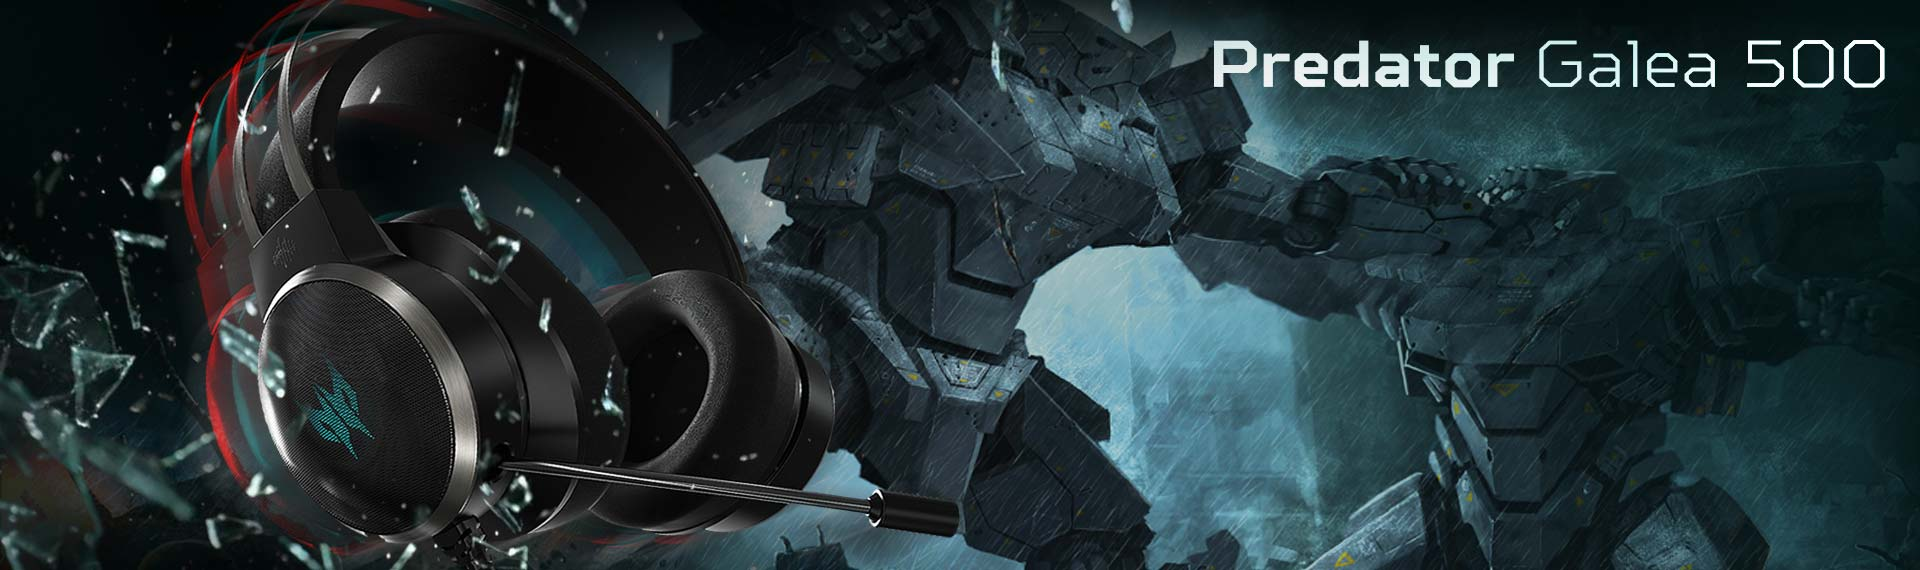 Predator Galea 500 Penuhi Pengalaman Audio Dengan Headset Gaming Terbaik